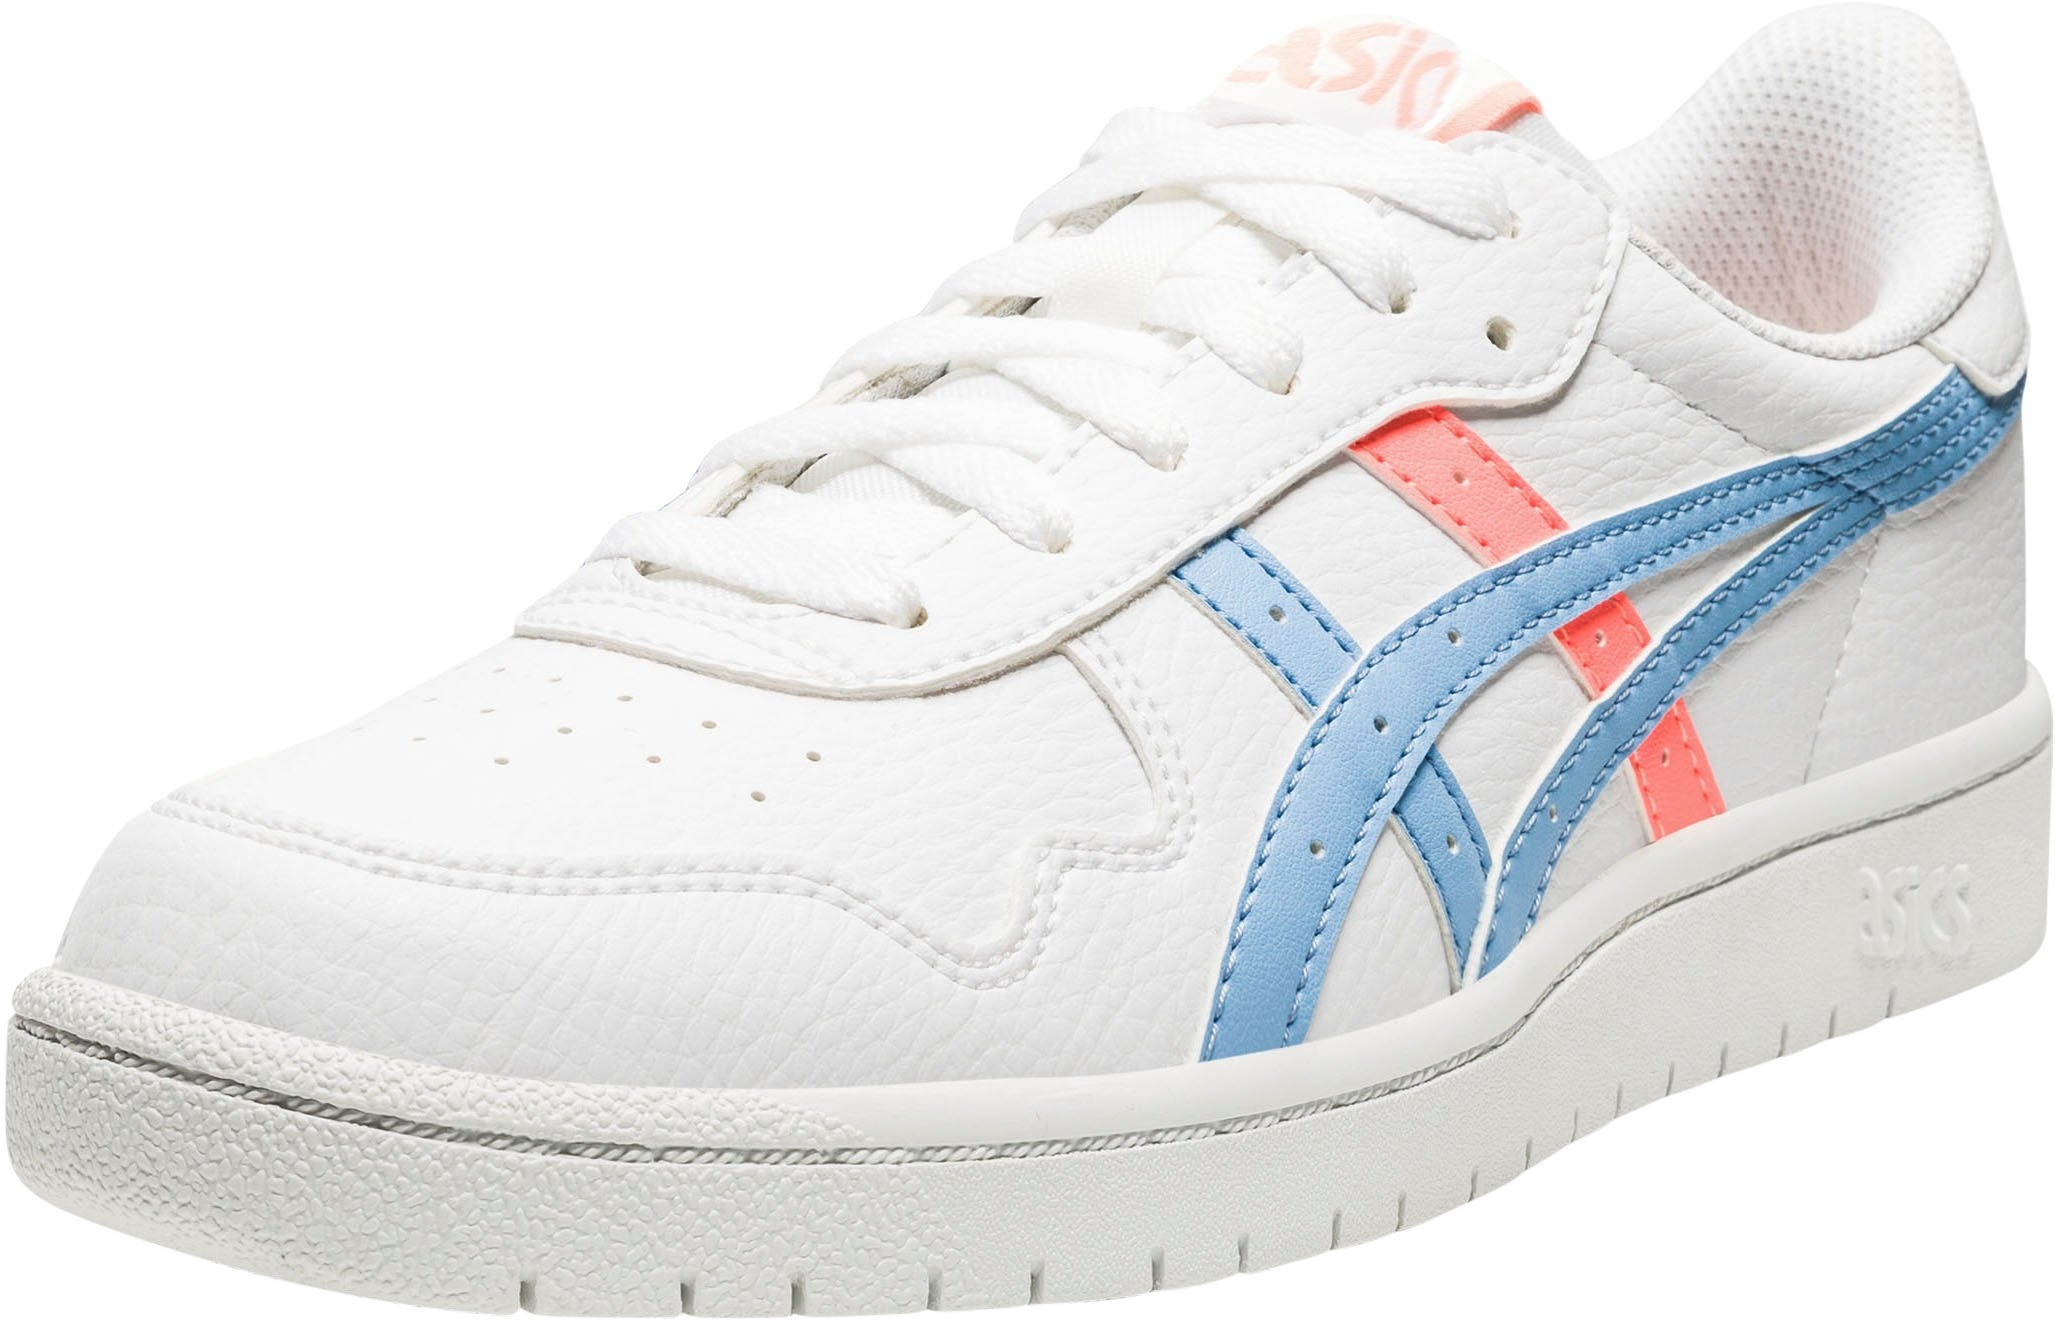 ASICS tiger sneakers JAPAN S - gratis ruilen op otto.nl